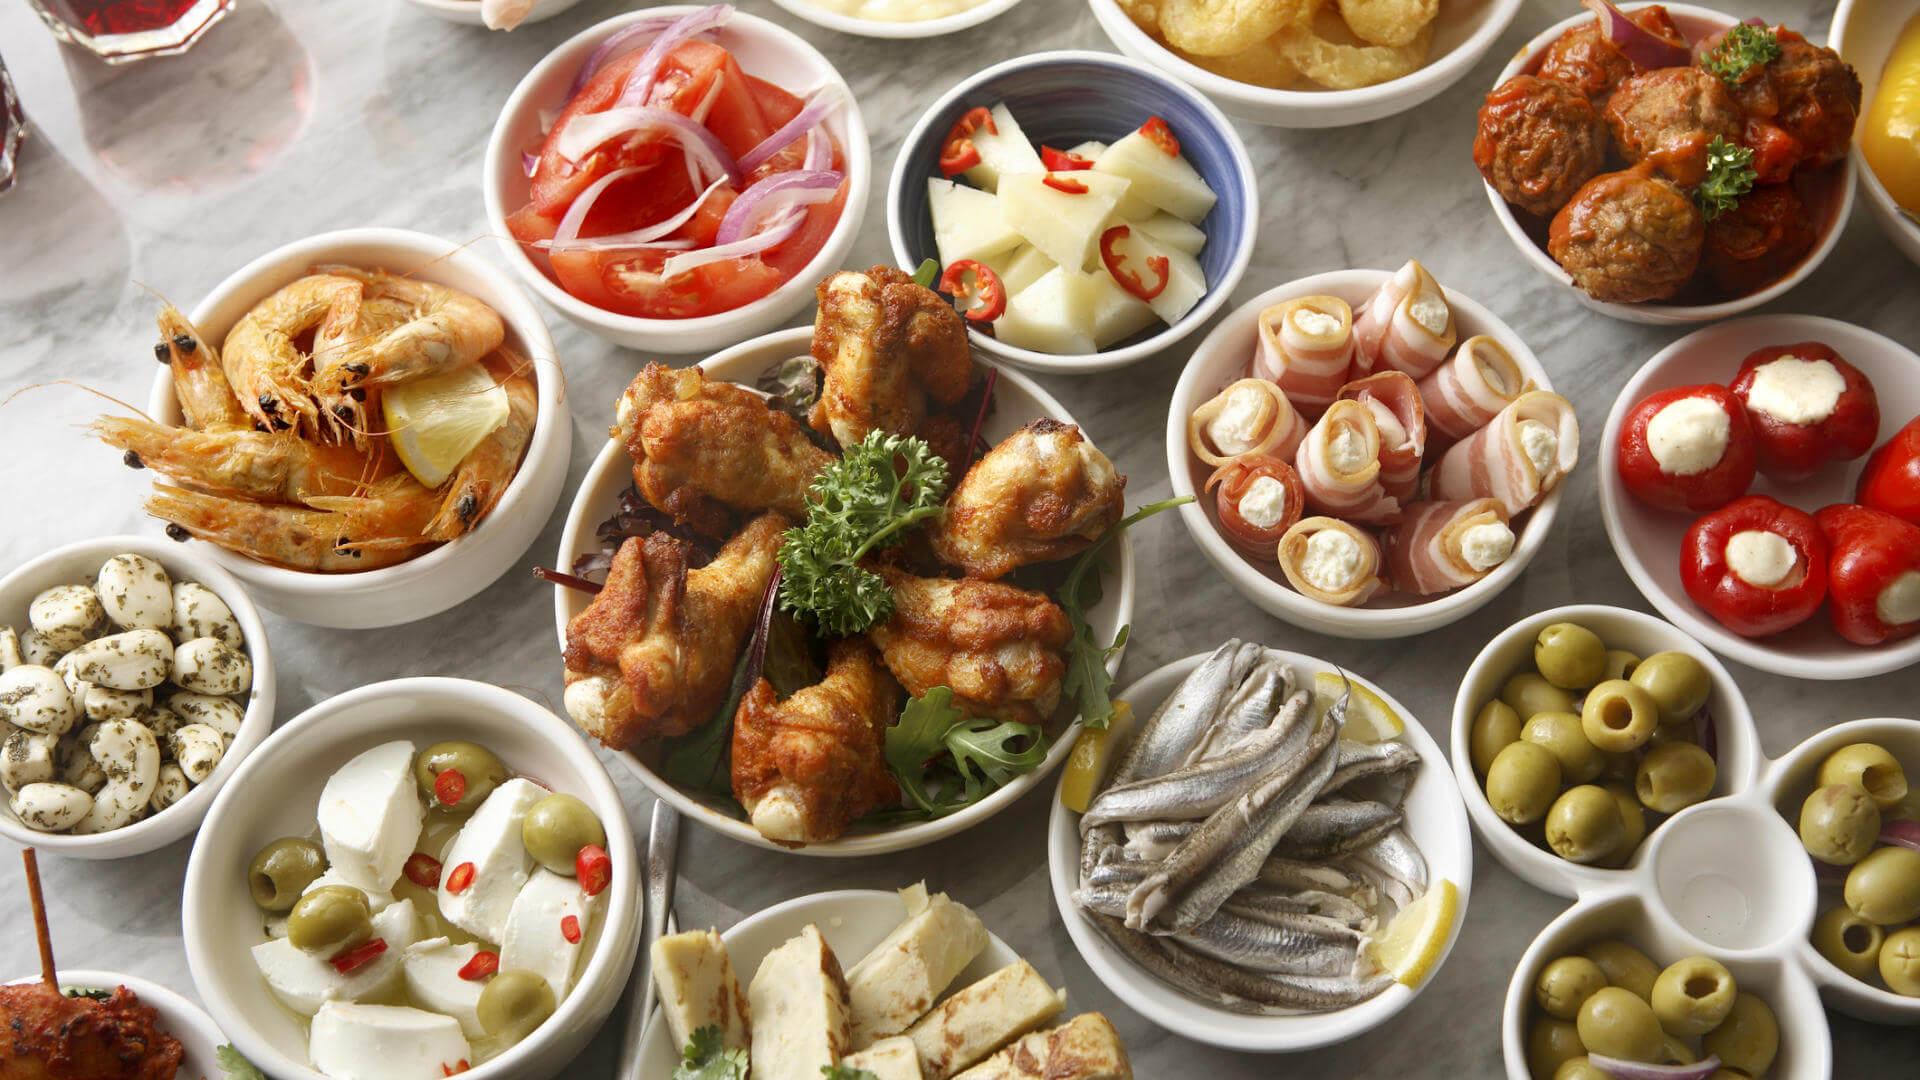 gastronomia espanola tapas